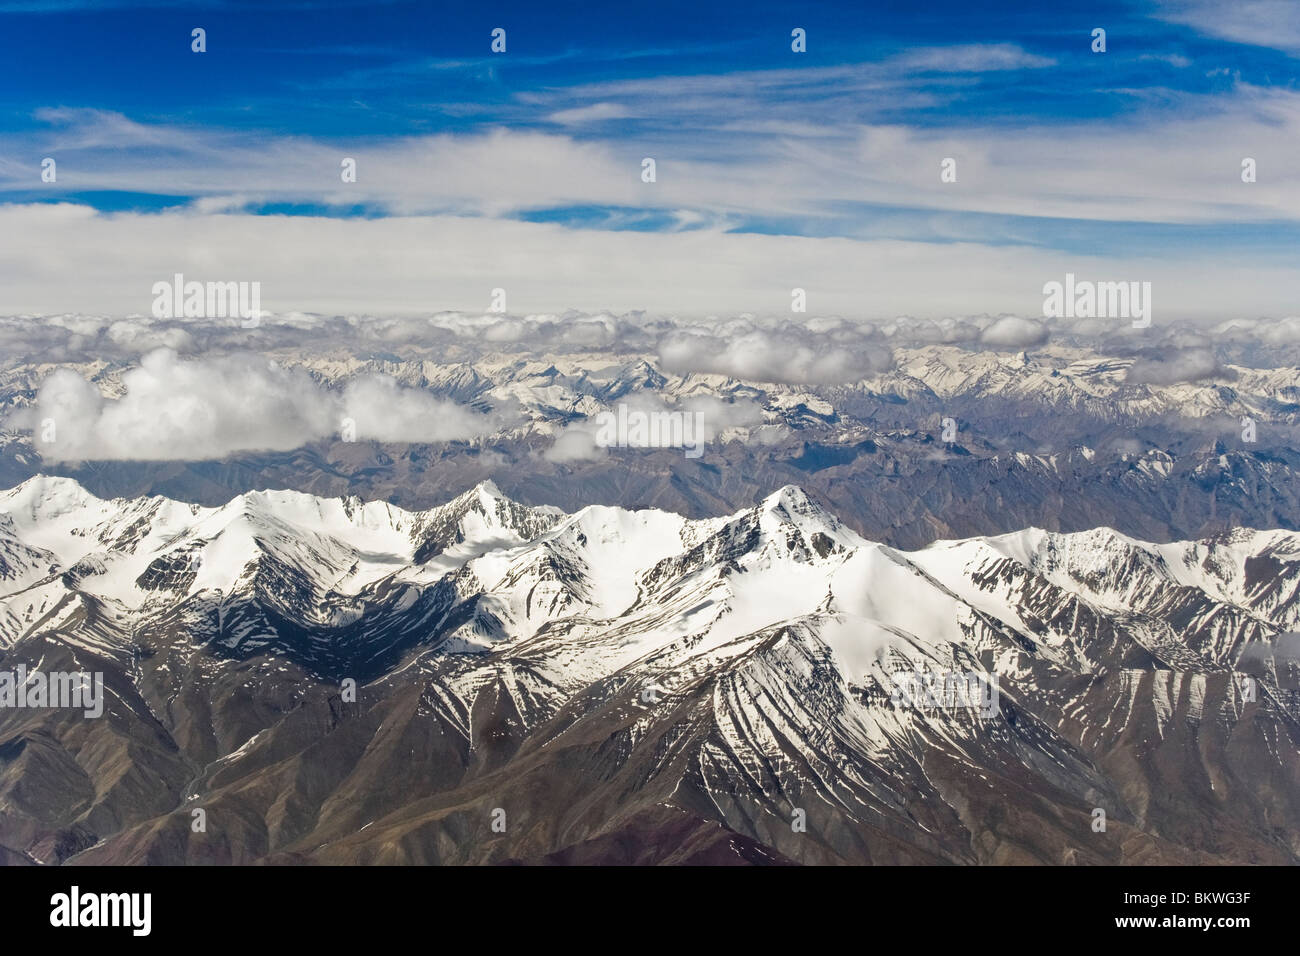 Aerial view of Stok Kangri - Stock Image